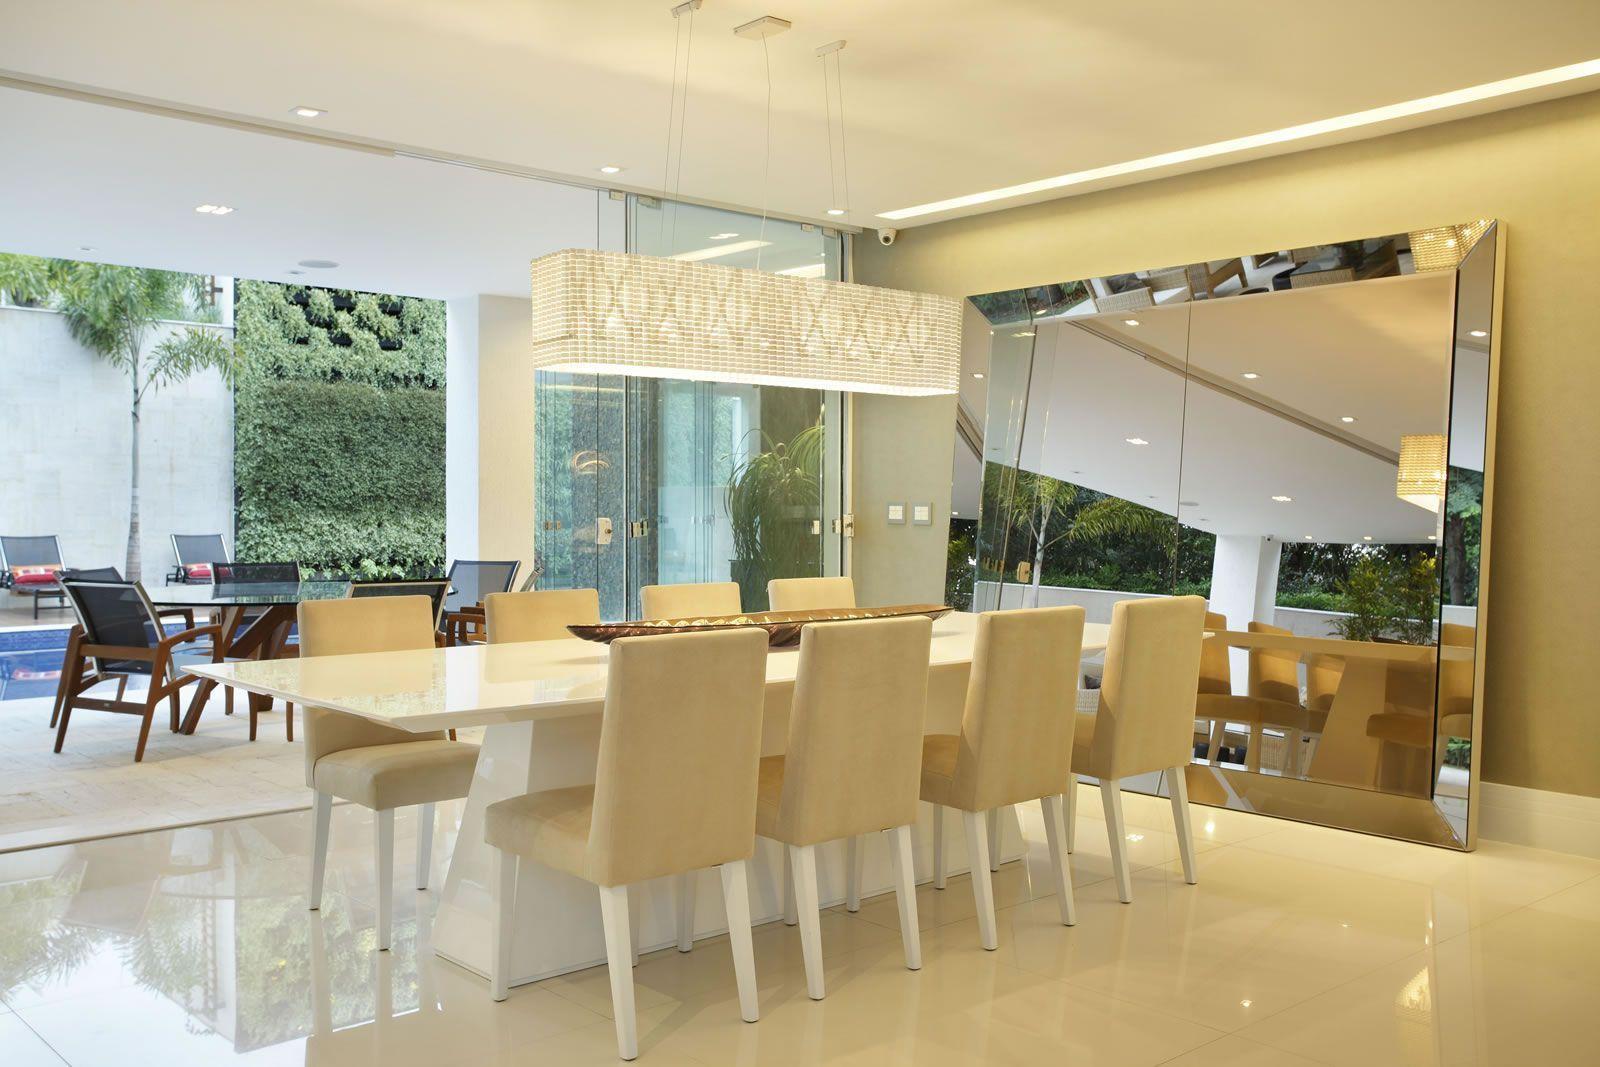 Foto: Reprodução / Arquitetura & Interior